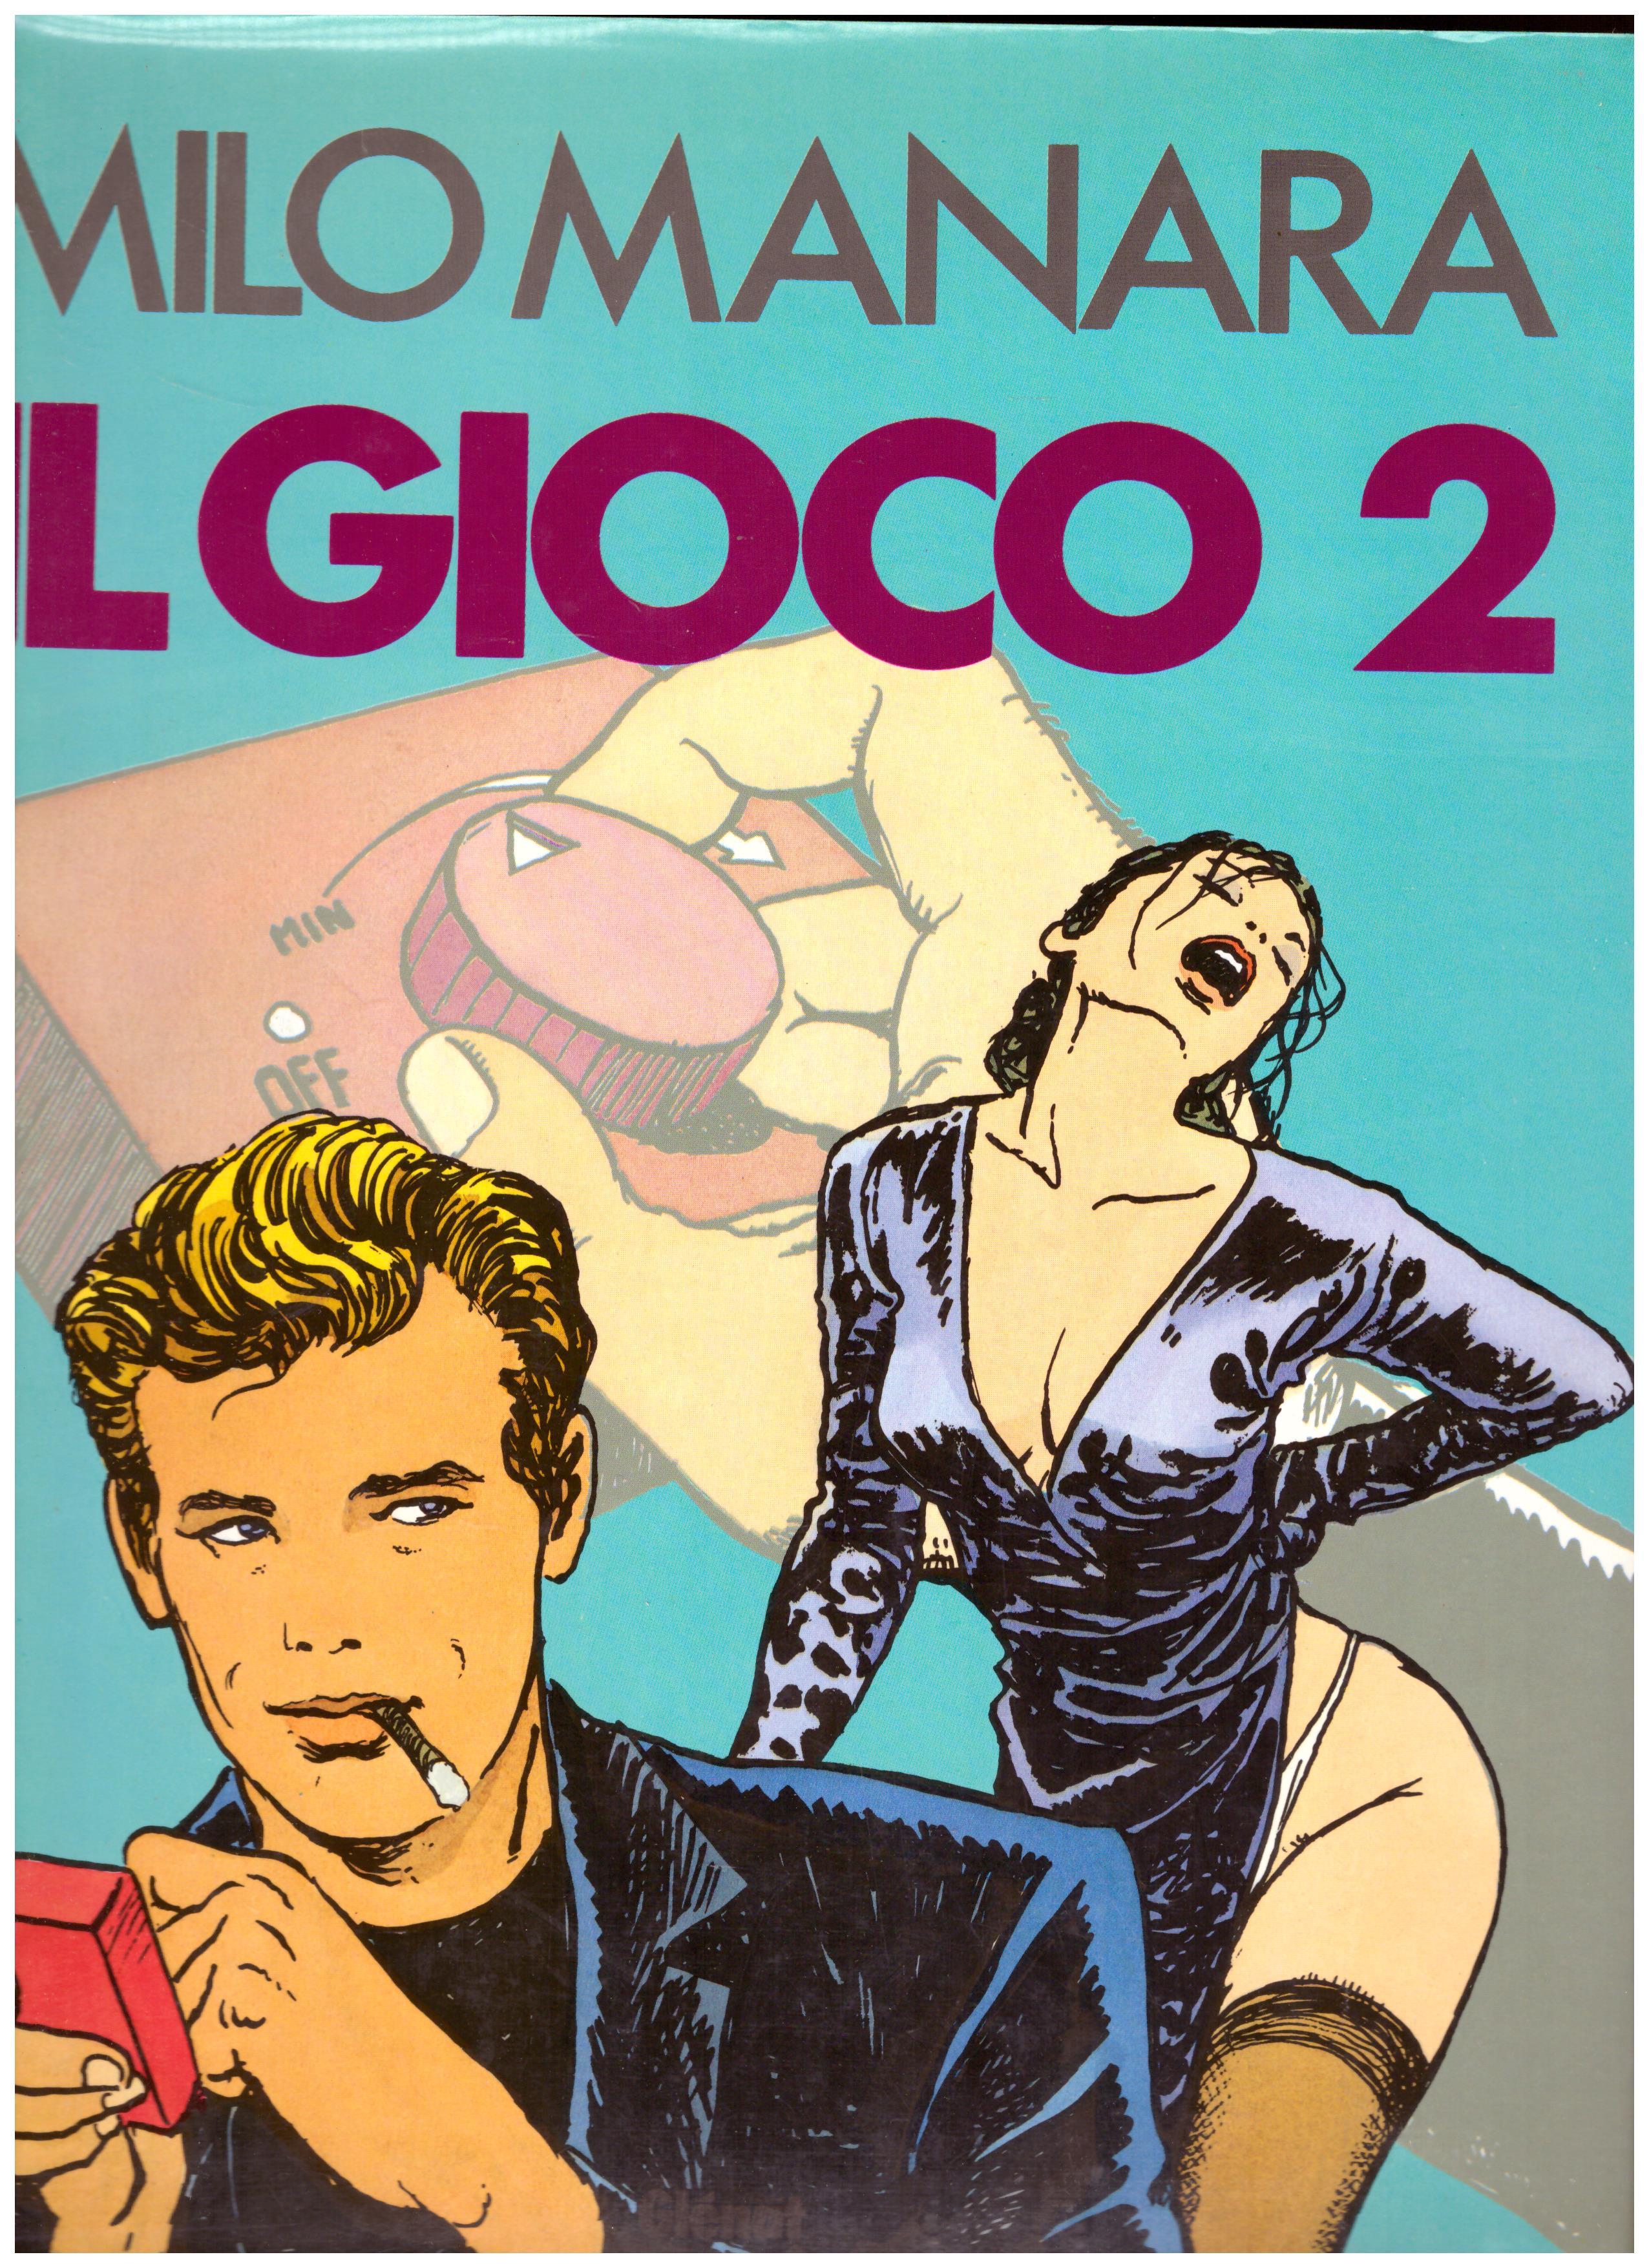 Titolo: Milo Manara il gioco 2 Autore: Milo Manara  Editore: CDE, 1993